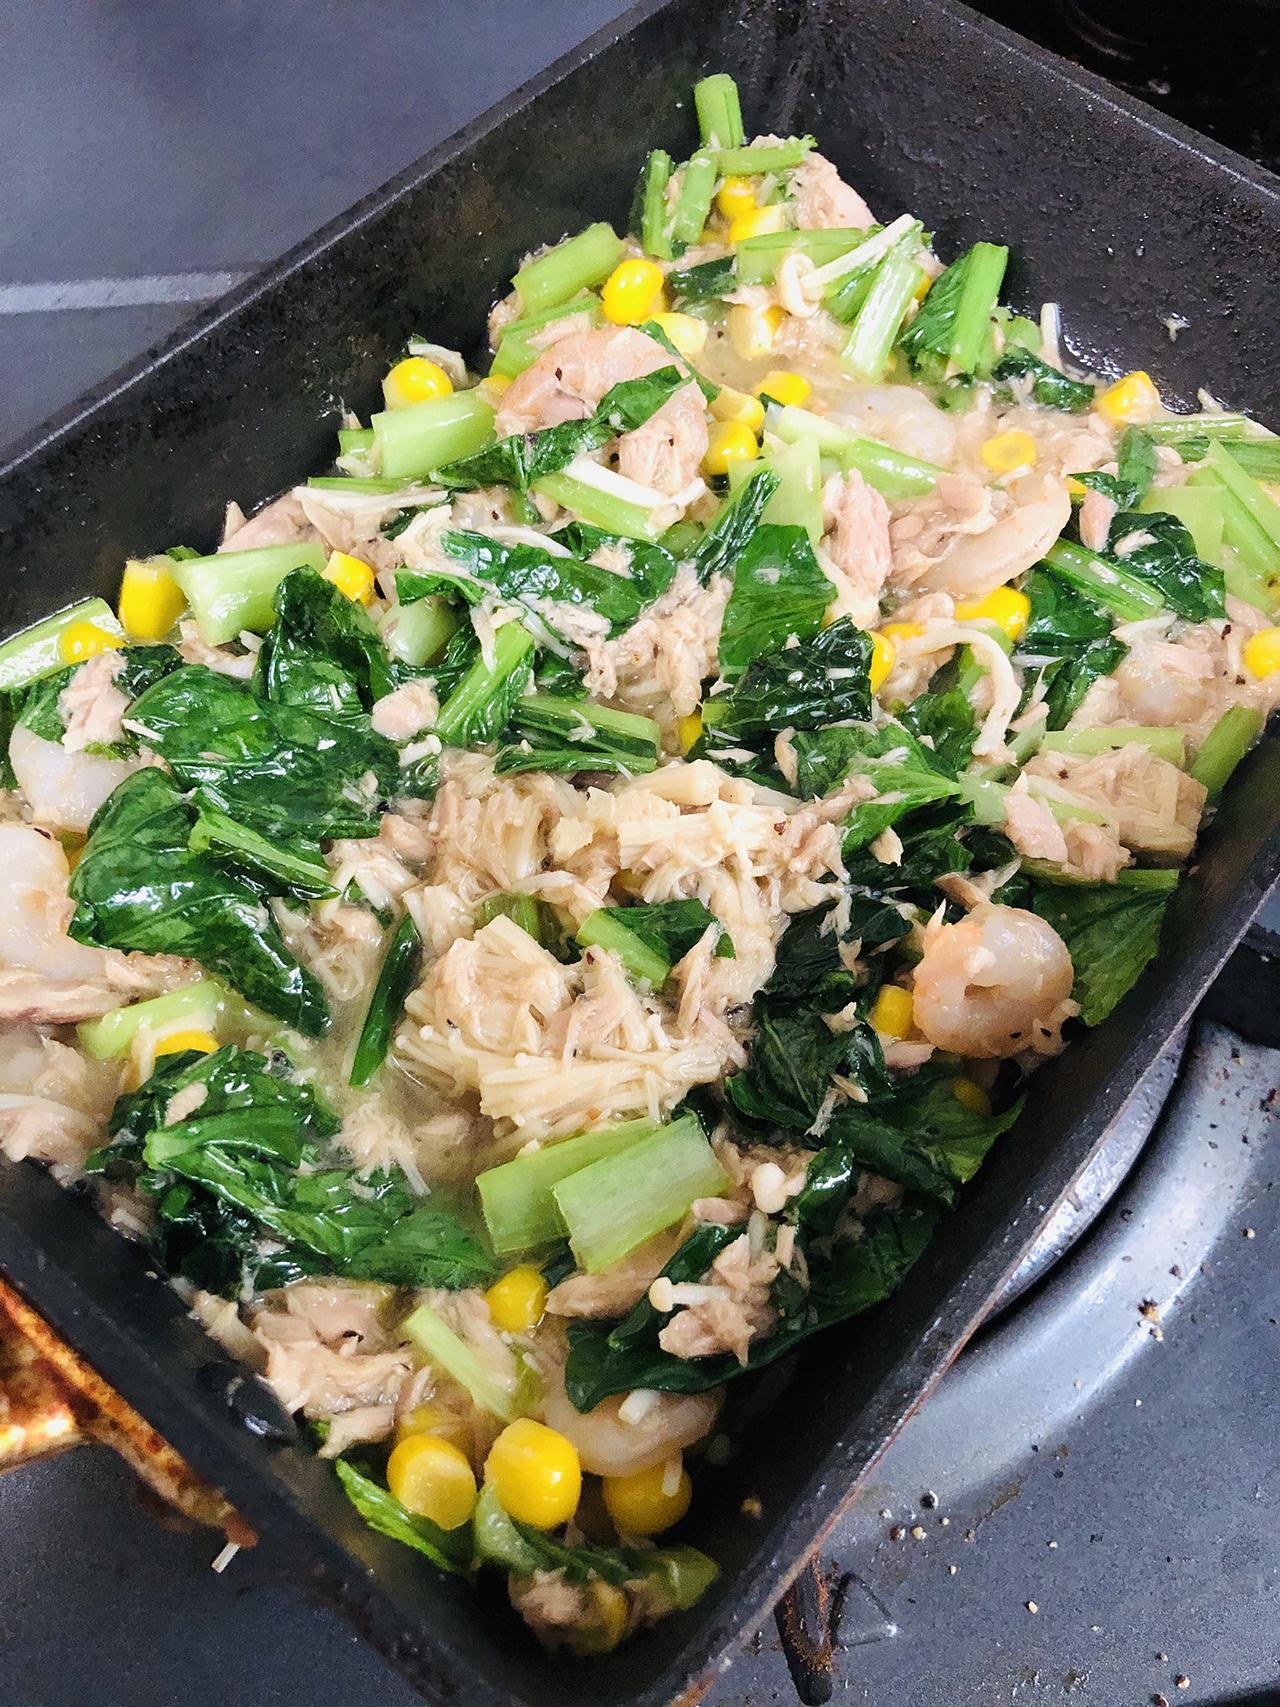 ほうれん草・ツナ・卵の炒め物の写真